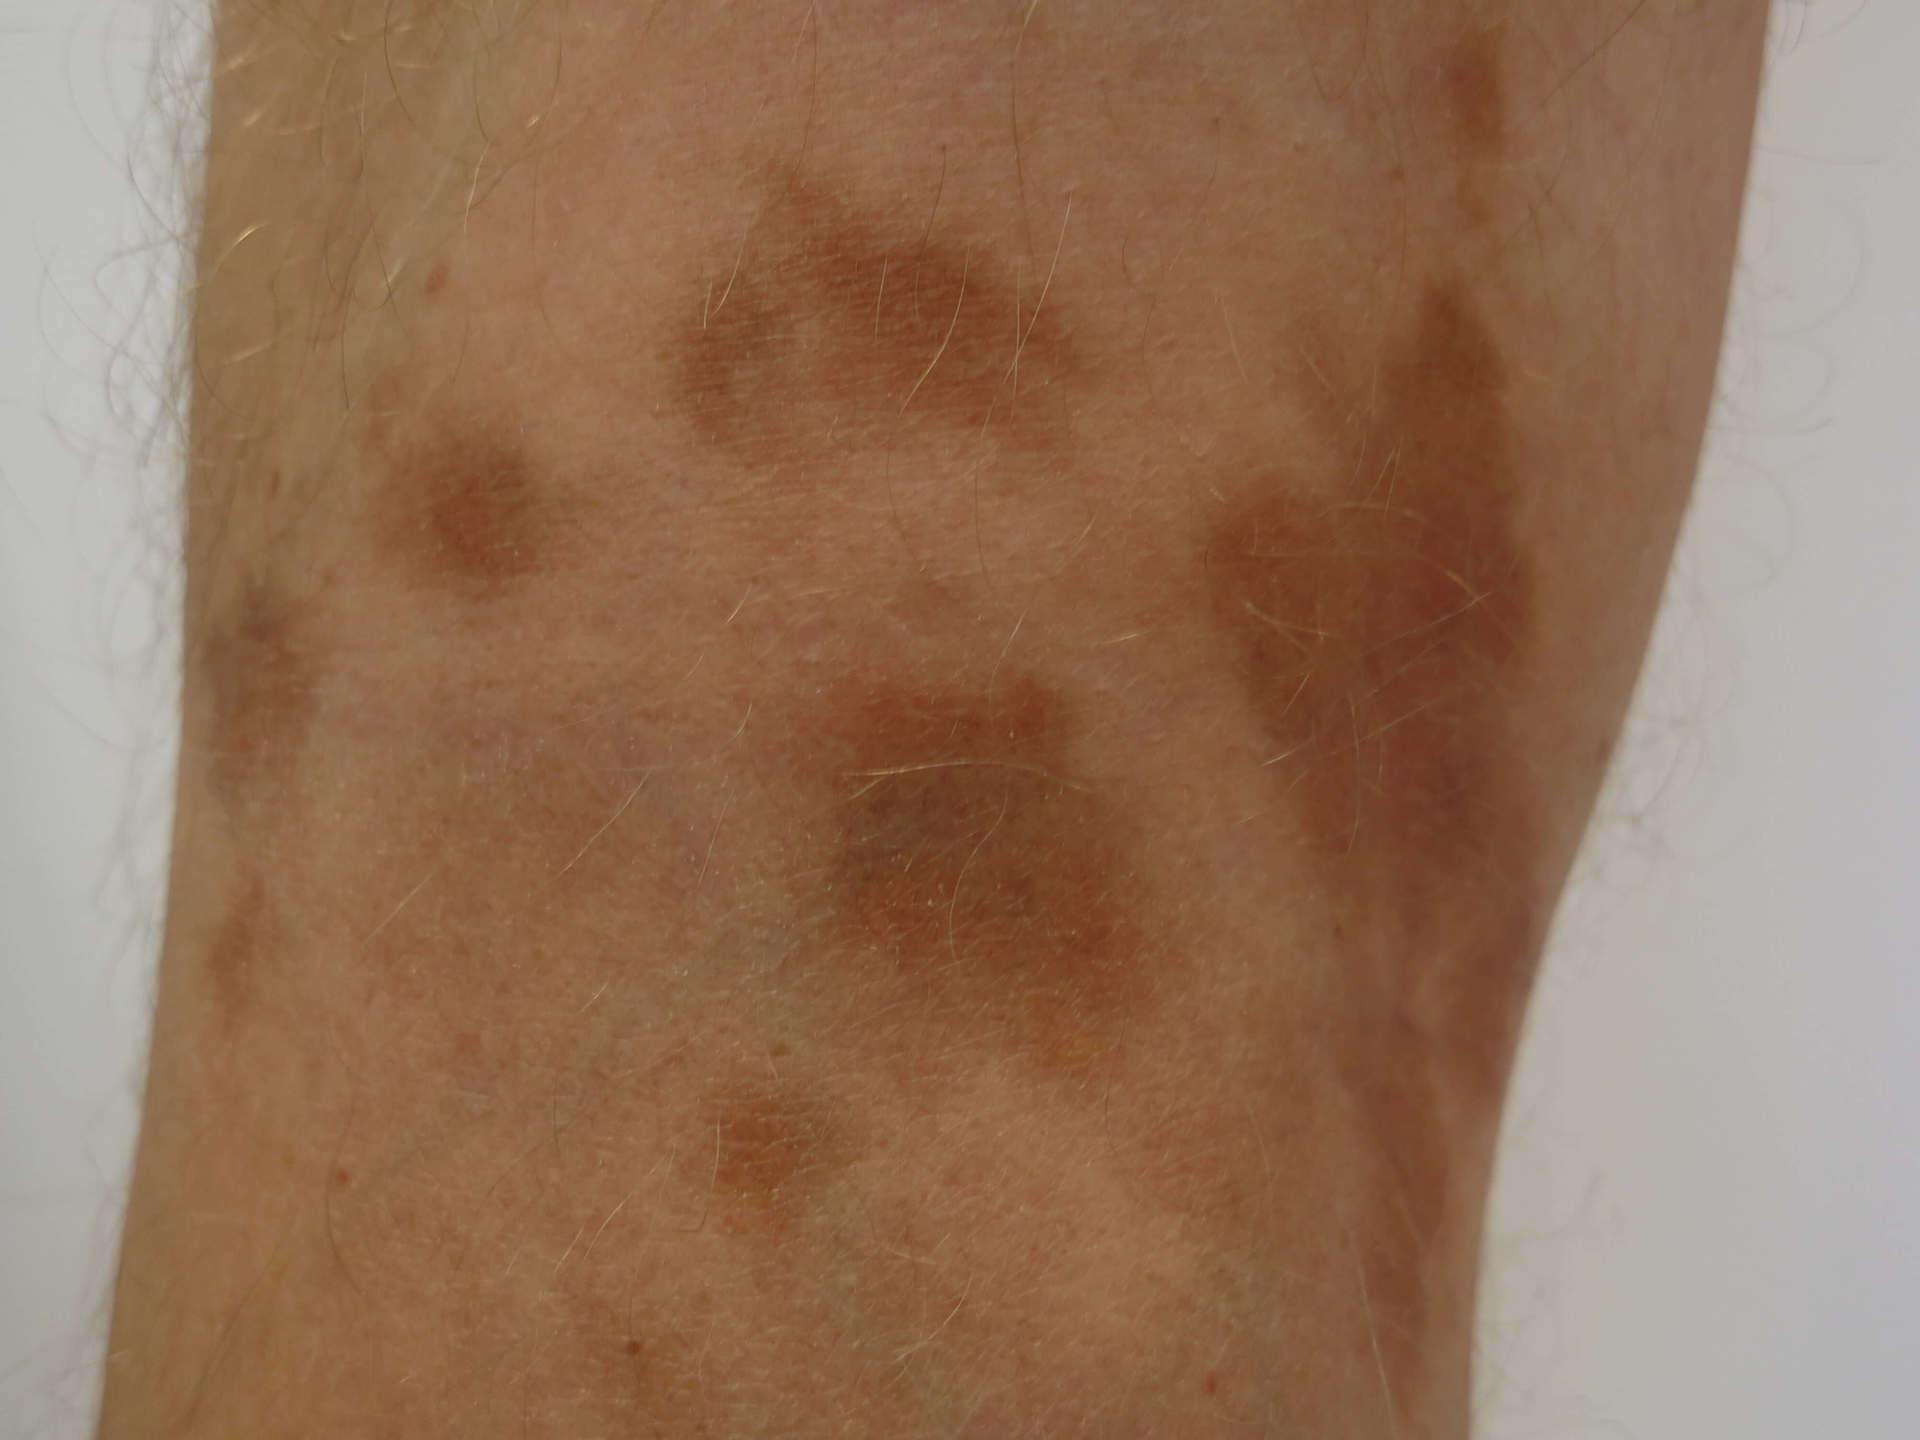 https://www.huidarts.com/wp-content/uploads/2014/04/Capillaritis-Roestbruine-verkleuringen.jpg